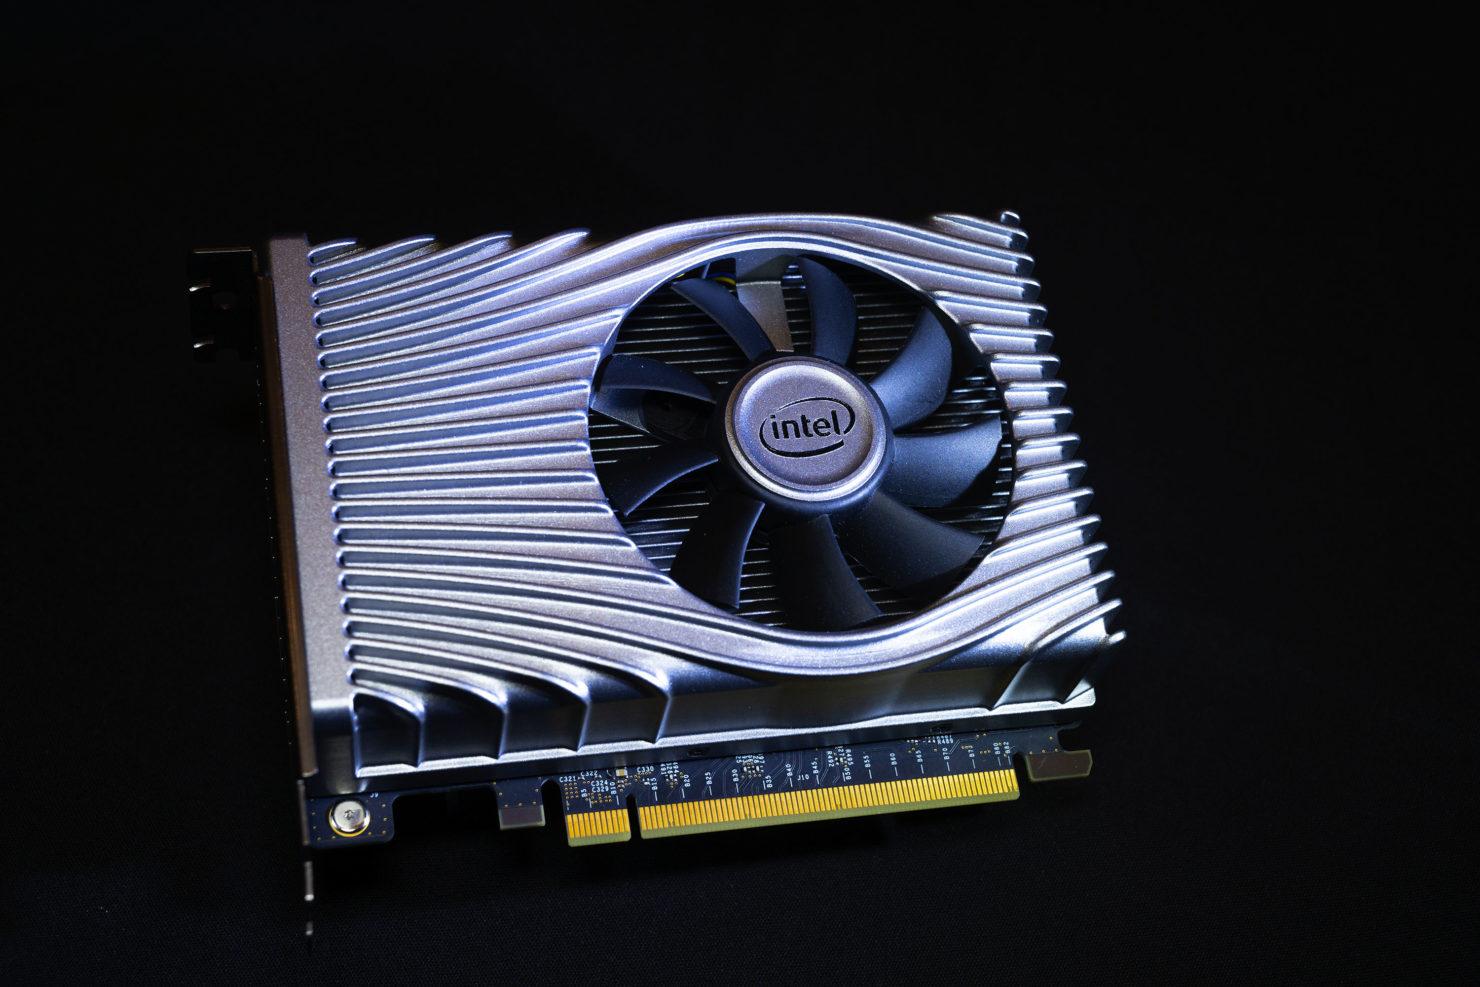 Intel DG1